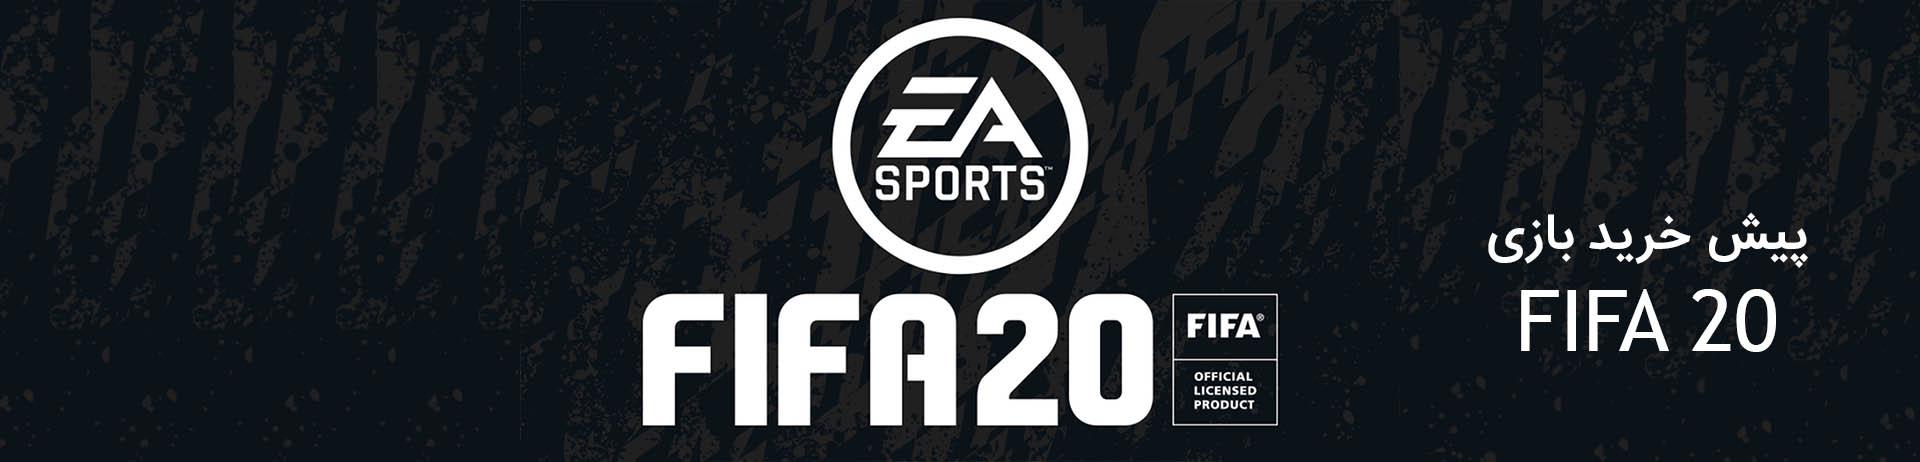 http://gamecdkey.ir/wp-content/uploads/FIFA20Bannercontent.jpg